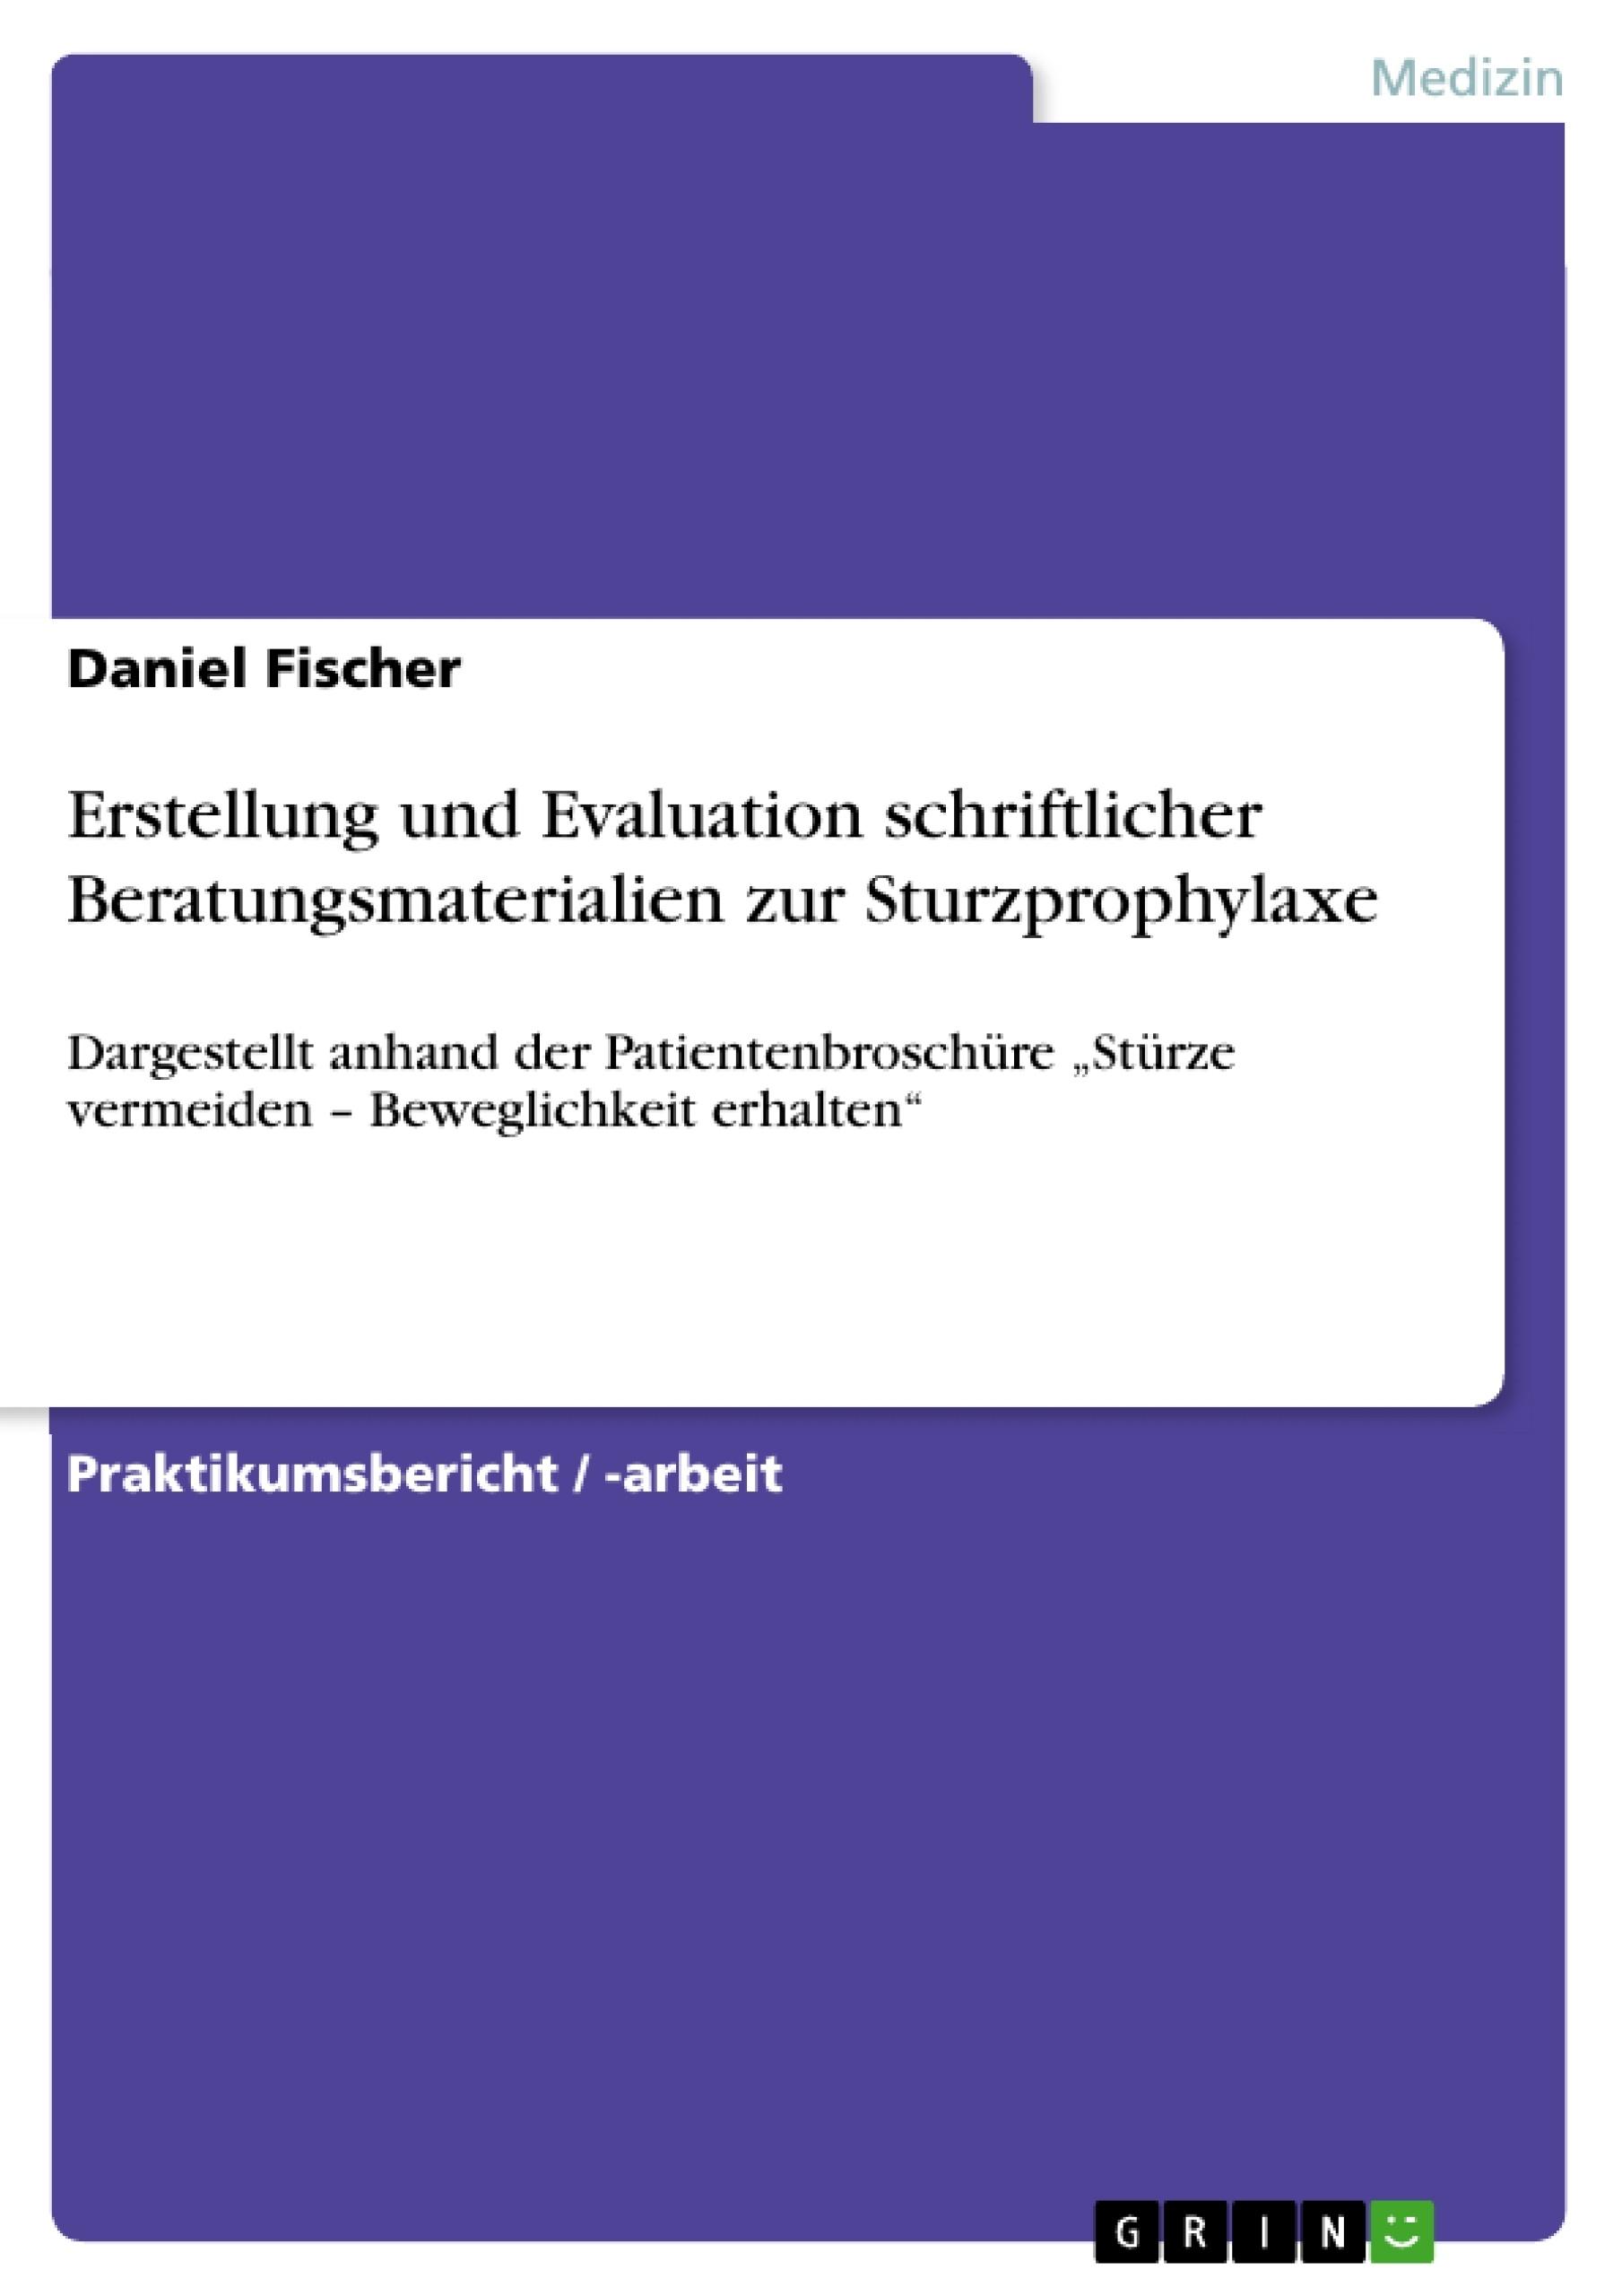 Titel: Erstellung und Evaluation schriftlicher Beratungsmaterialien zur Sturzprophylaxe